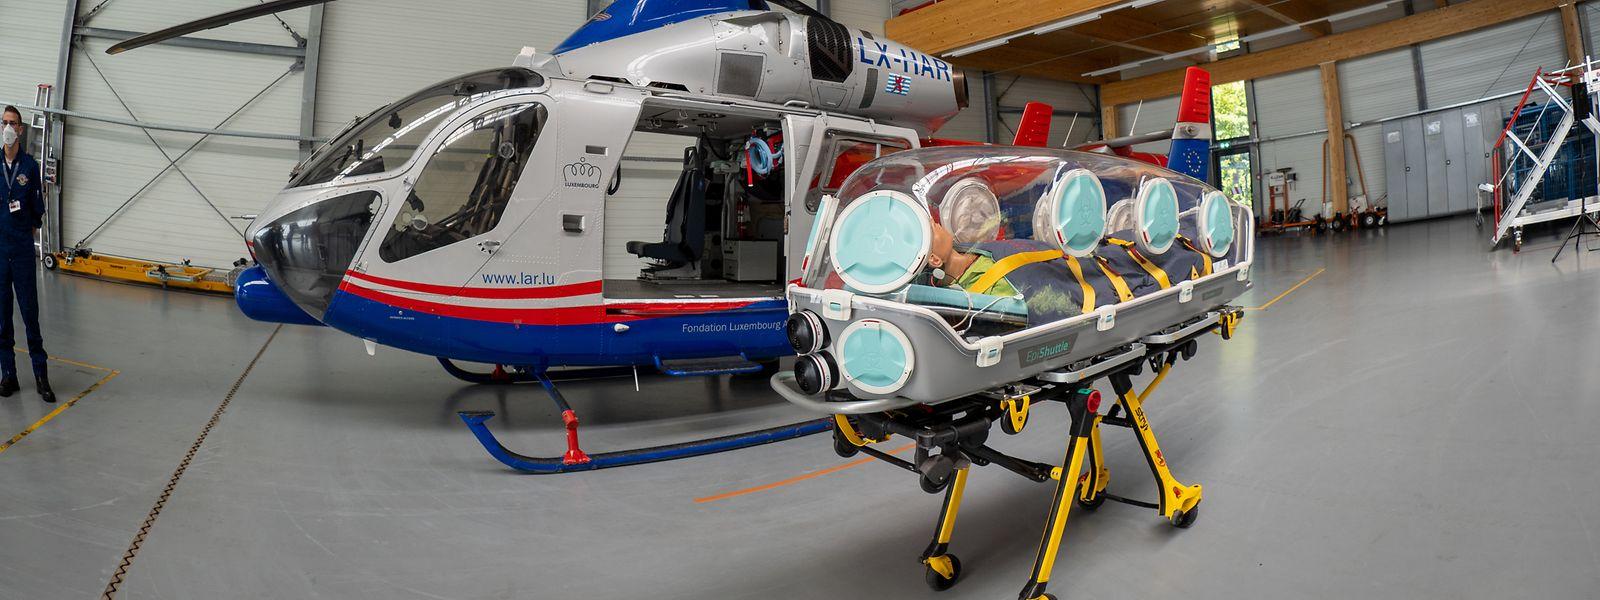 Die Isolationsliegen sollen eine Ansteckung derjenigen verhindern, die im direkten Kontakt mit den Patienten stehen.